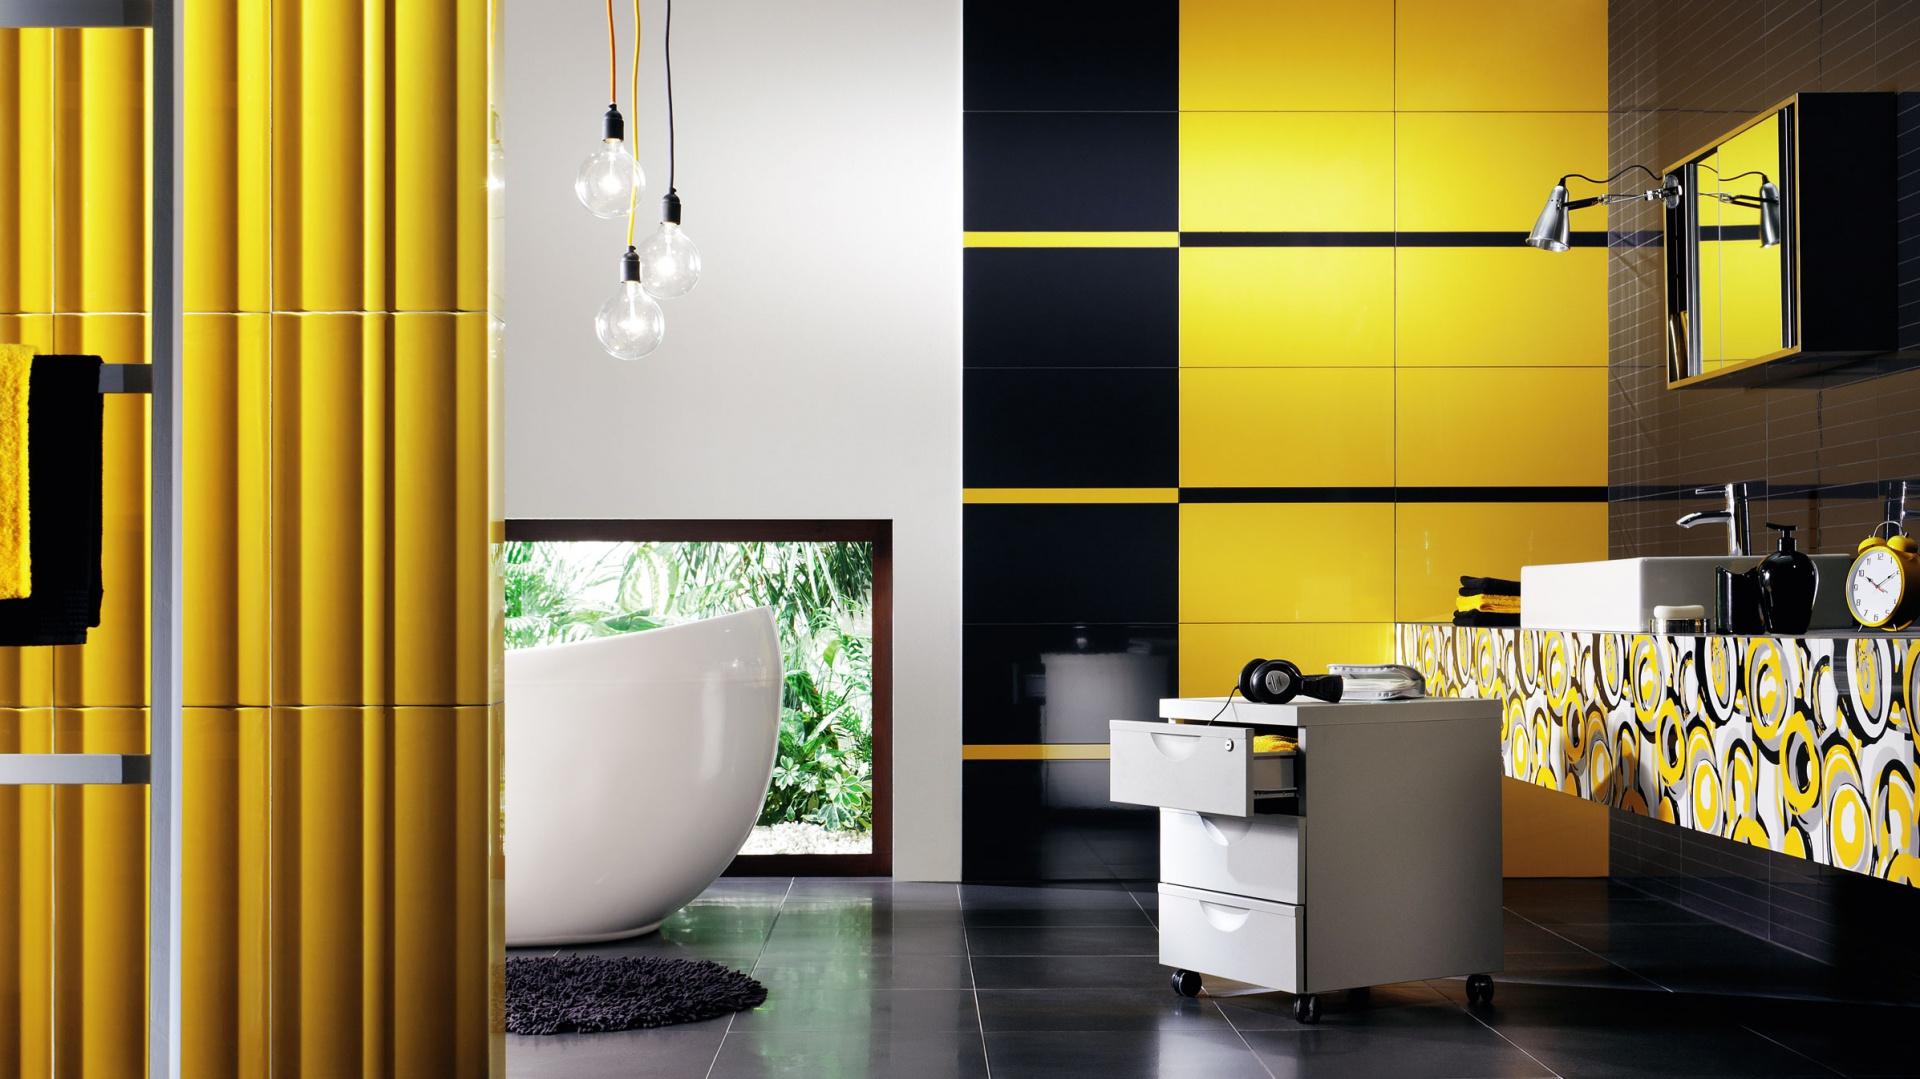 Kolekcja Colour Yellow Ceramiki Tubądzin pozwala na swobodne miksowanie ze sobą poszczególnych elementów, dzięki stylistycznie spójnej serii płytek ściennych o intensywnych barwach. Fot. Tubądzin